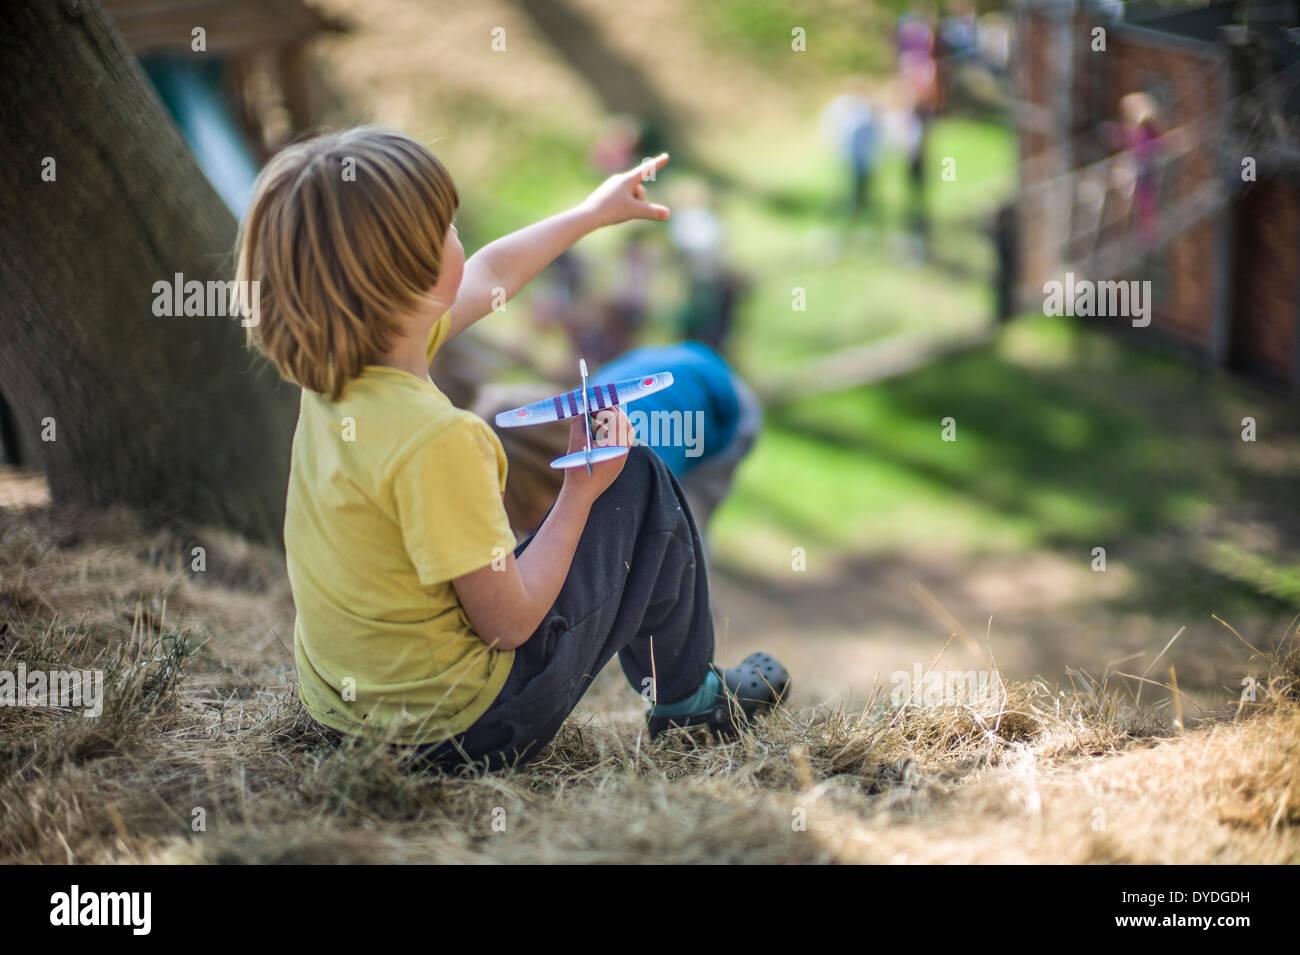 Ein kleiner Junge mit einem Spielzeugflugzeug zu Hatfield House Abenteuerspielplatz spielen. Stockbild